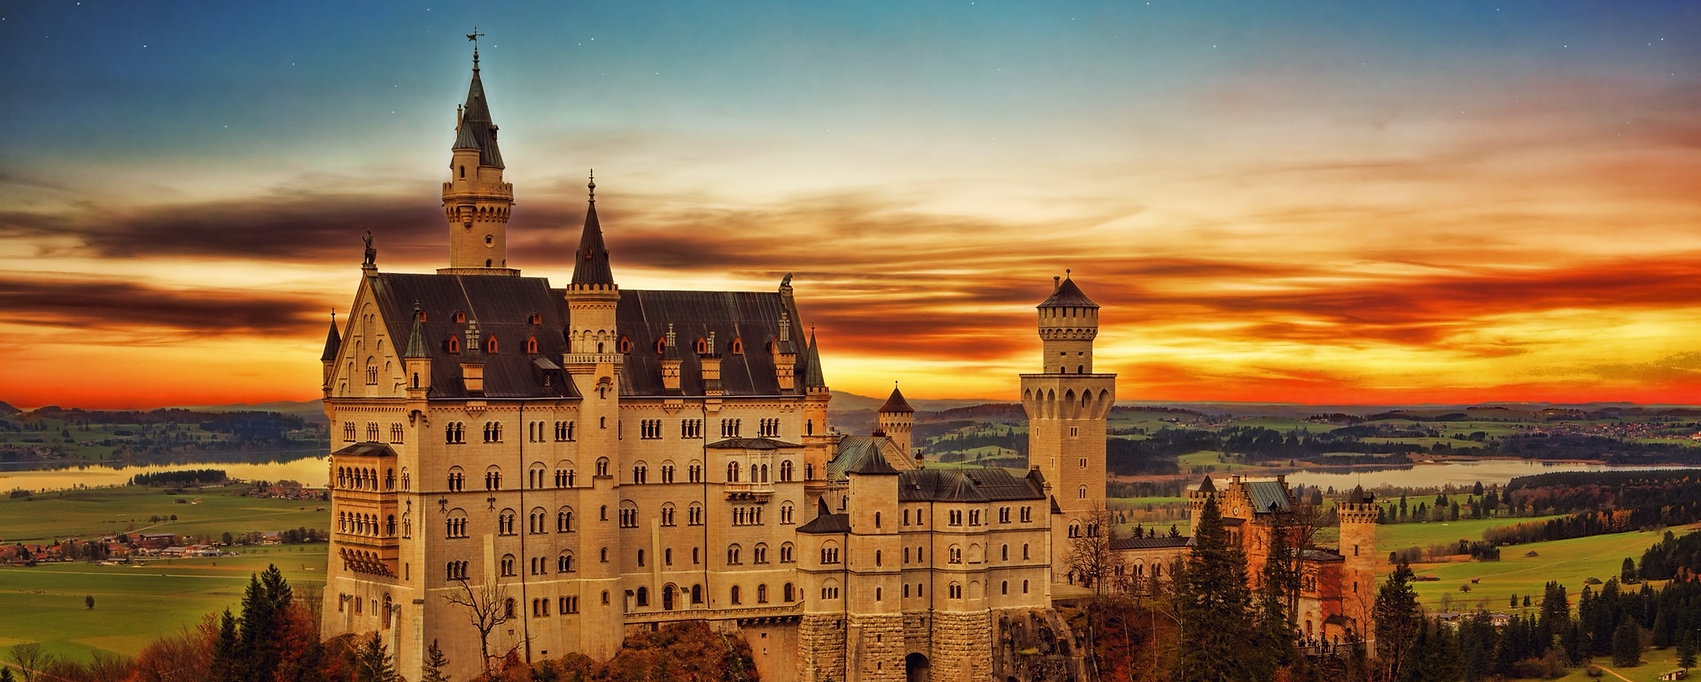 Schloss Neuschwanstein in Schwangau - Städtereisen - Kurzurlaub in Deutschland | Anders reisen, alternative Reisen, Reisetrends, außergewöhnliche Reisen, exklusive Reisen